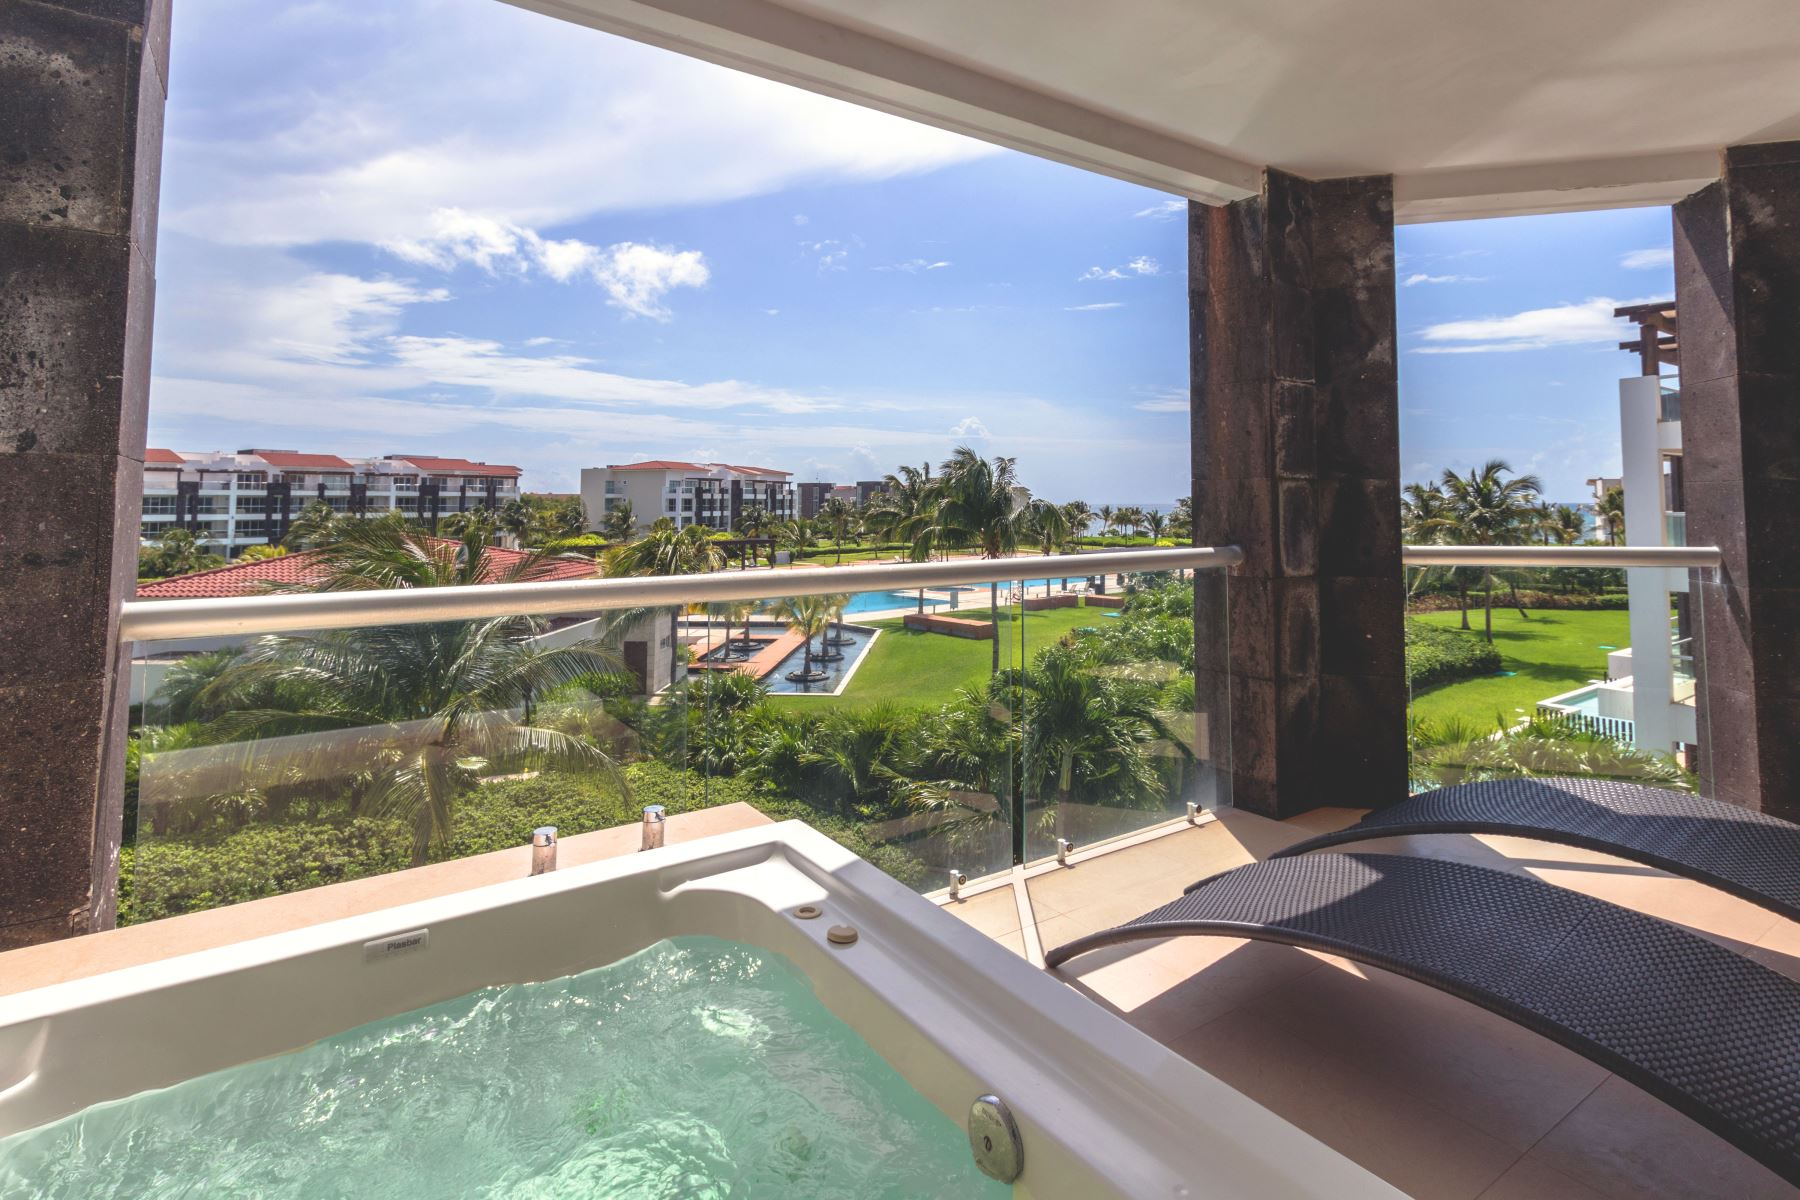 Mareazul 421 Sur Playa del Carmen Condo Home For Sale Real Estate to Buy